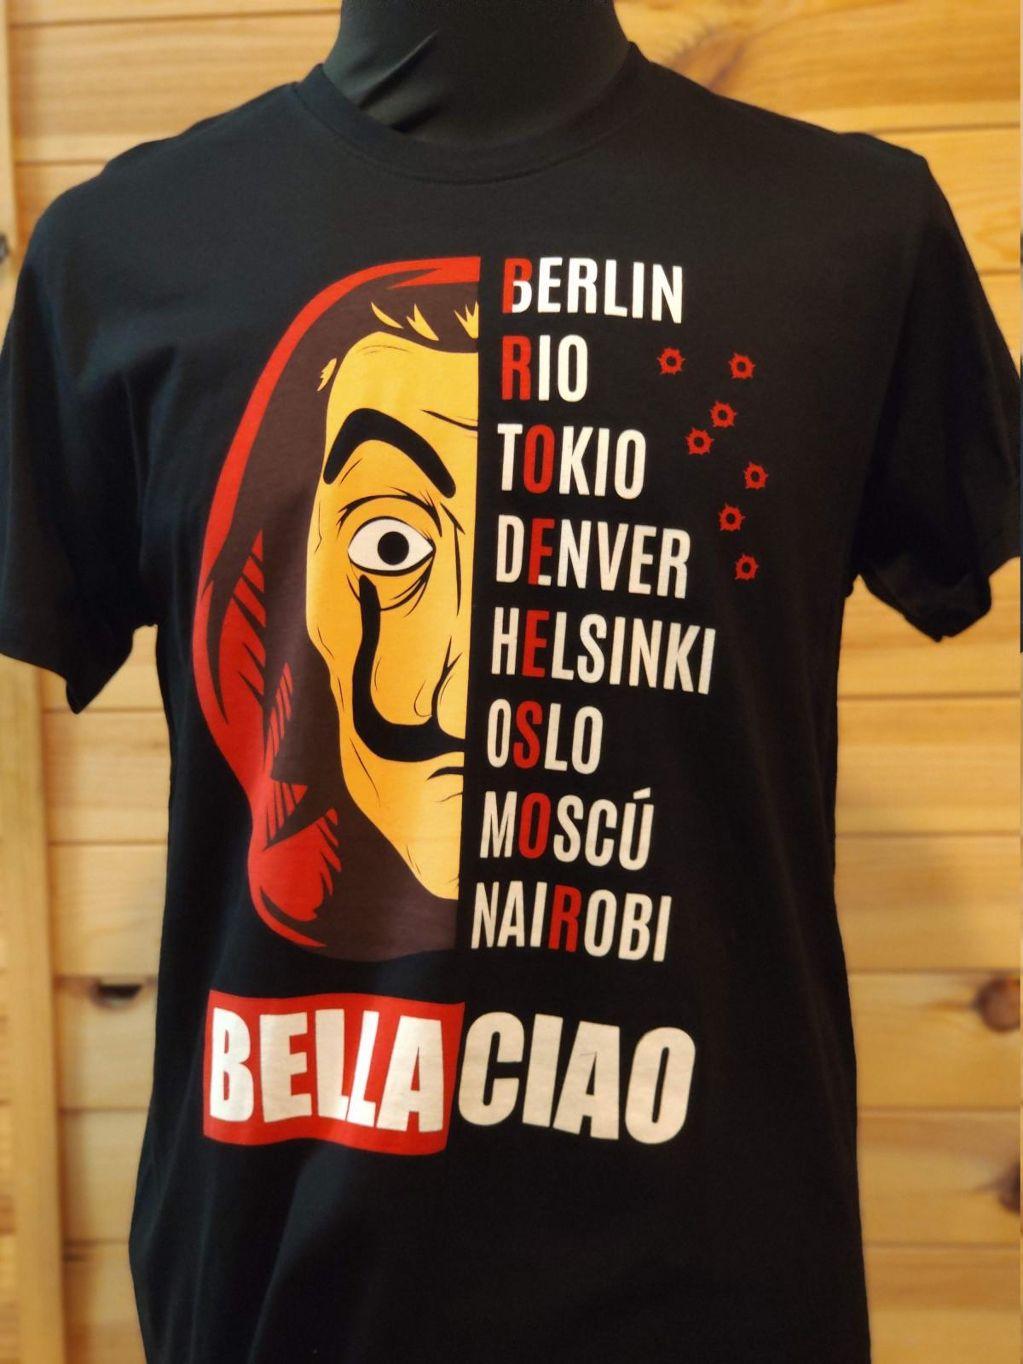 Bella ciao (La Casa de Papel) - 786e1-bella-ciao-casa-de-papel-1.jpg